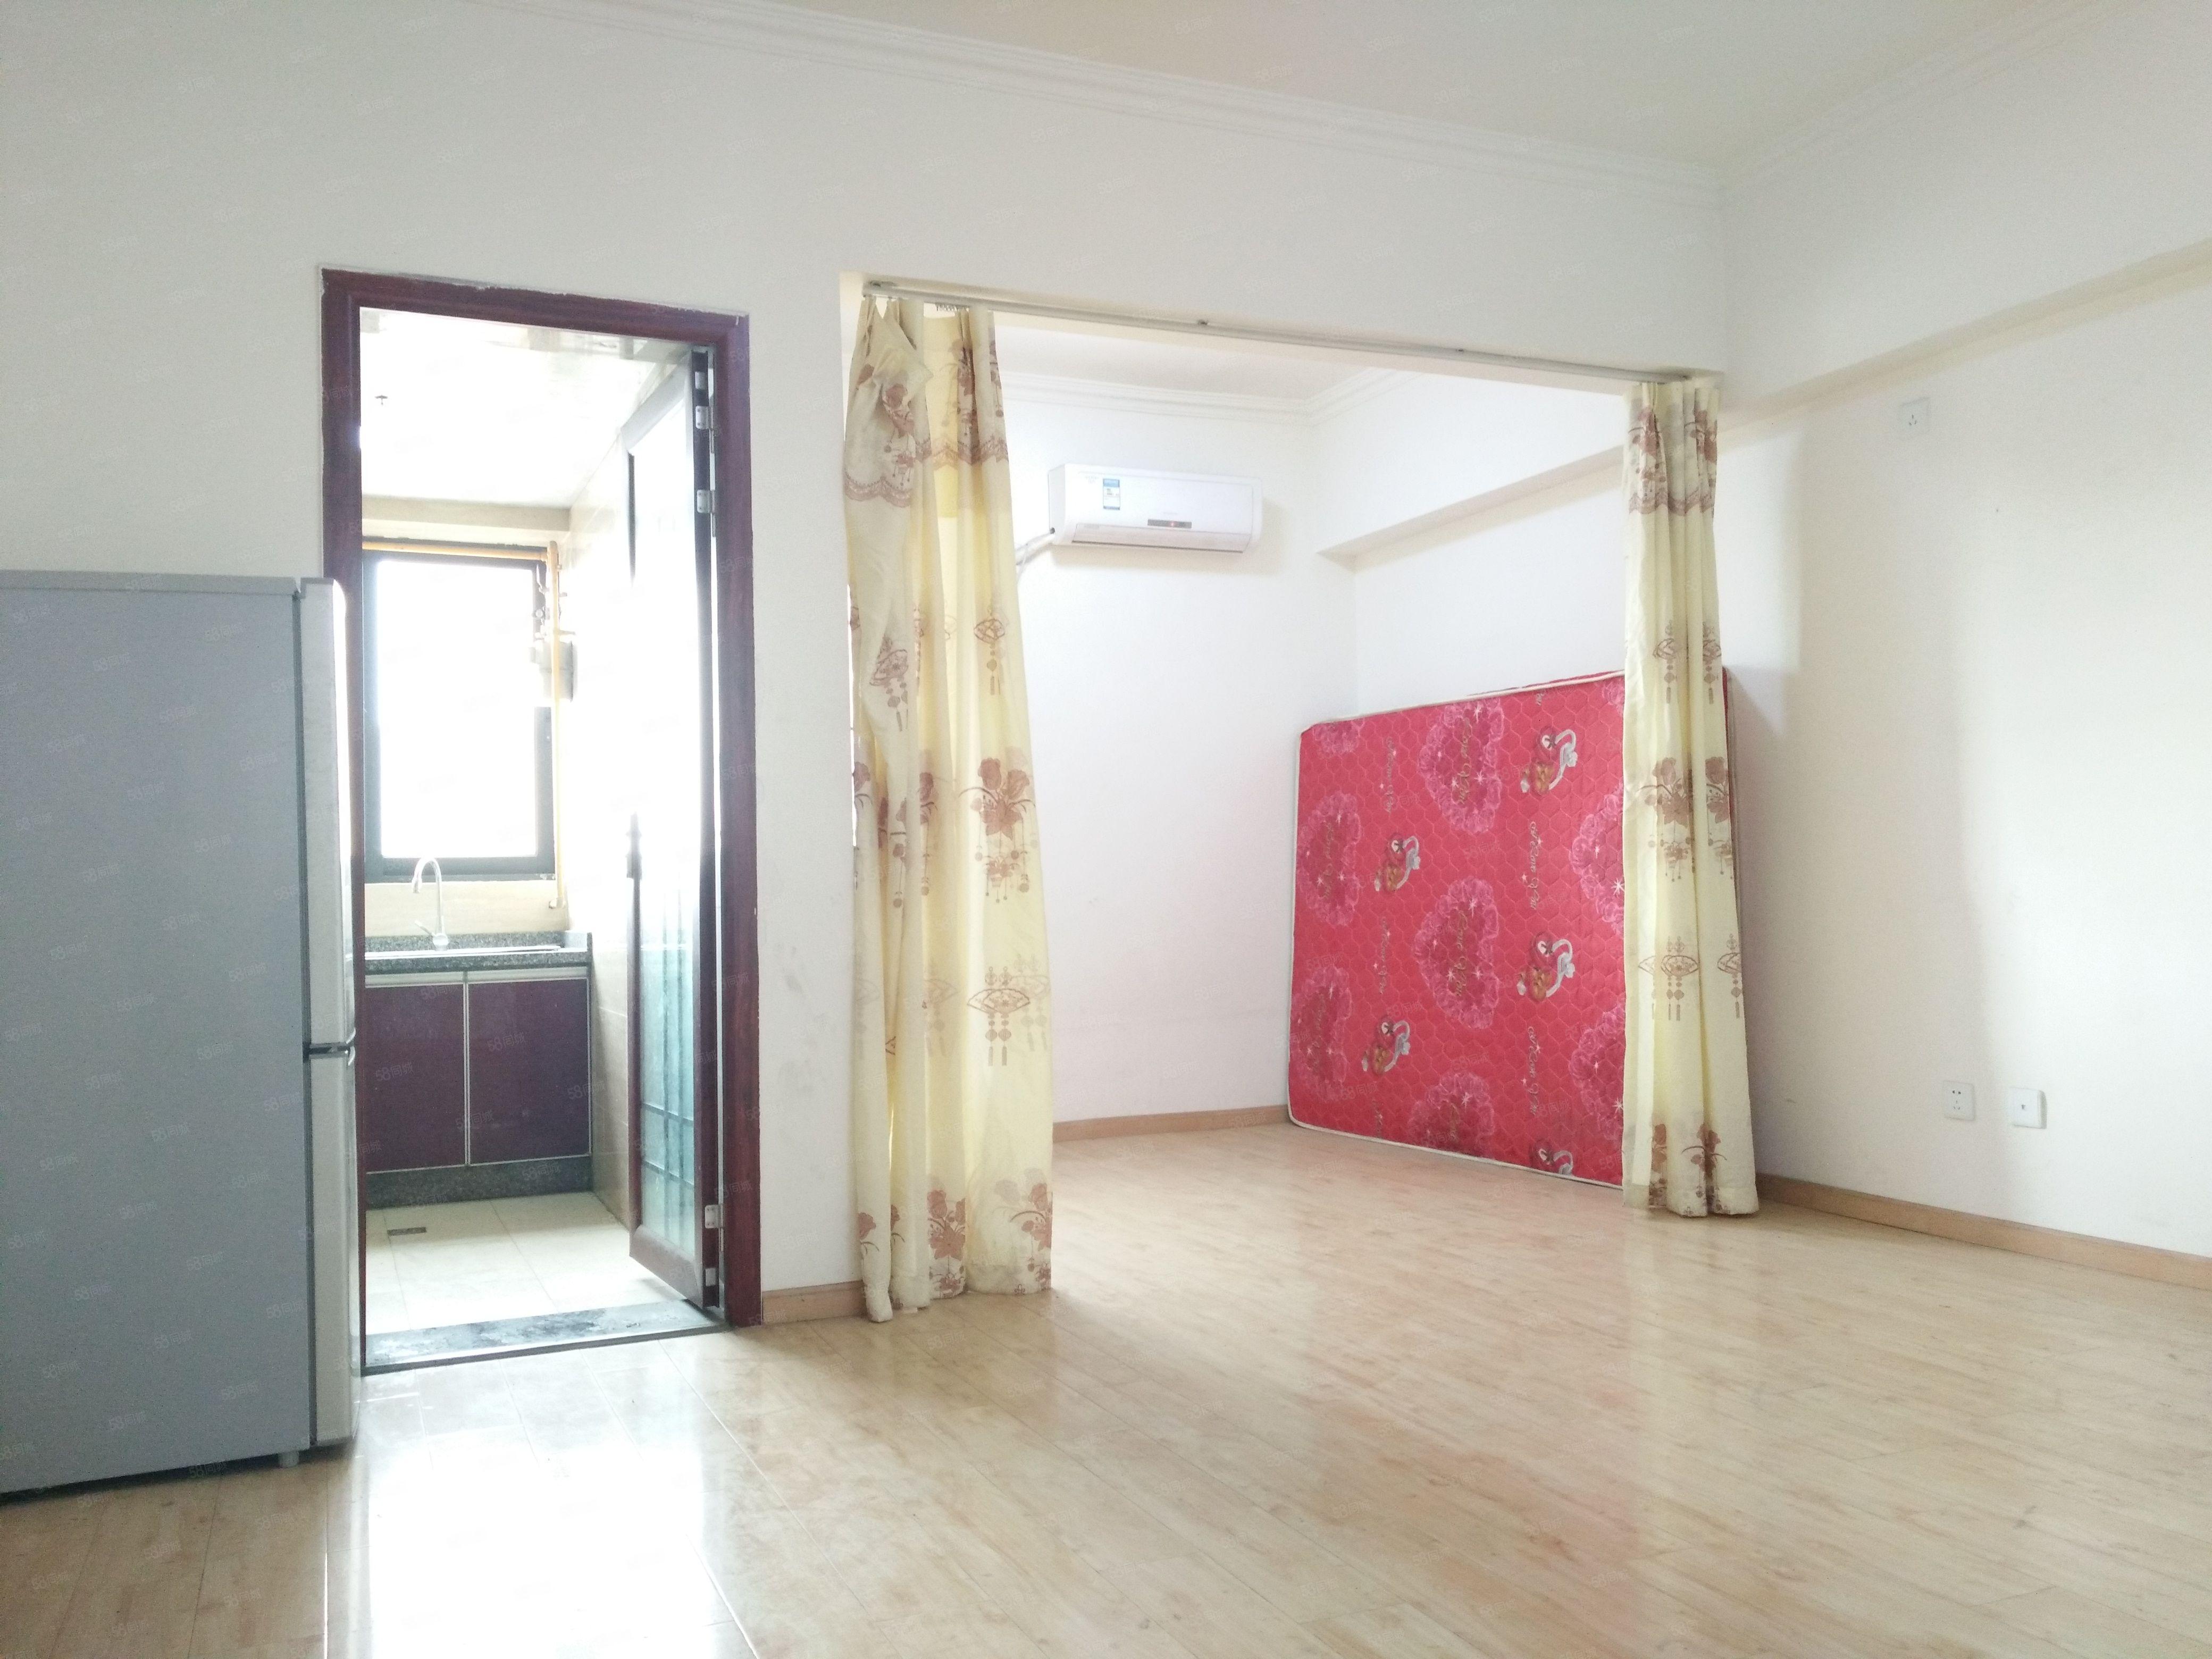 龙城国际一期套一。可配家具家电,对中庭,居家装修,可拎包入住